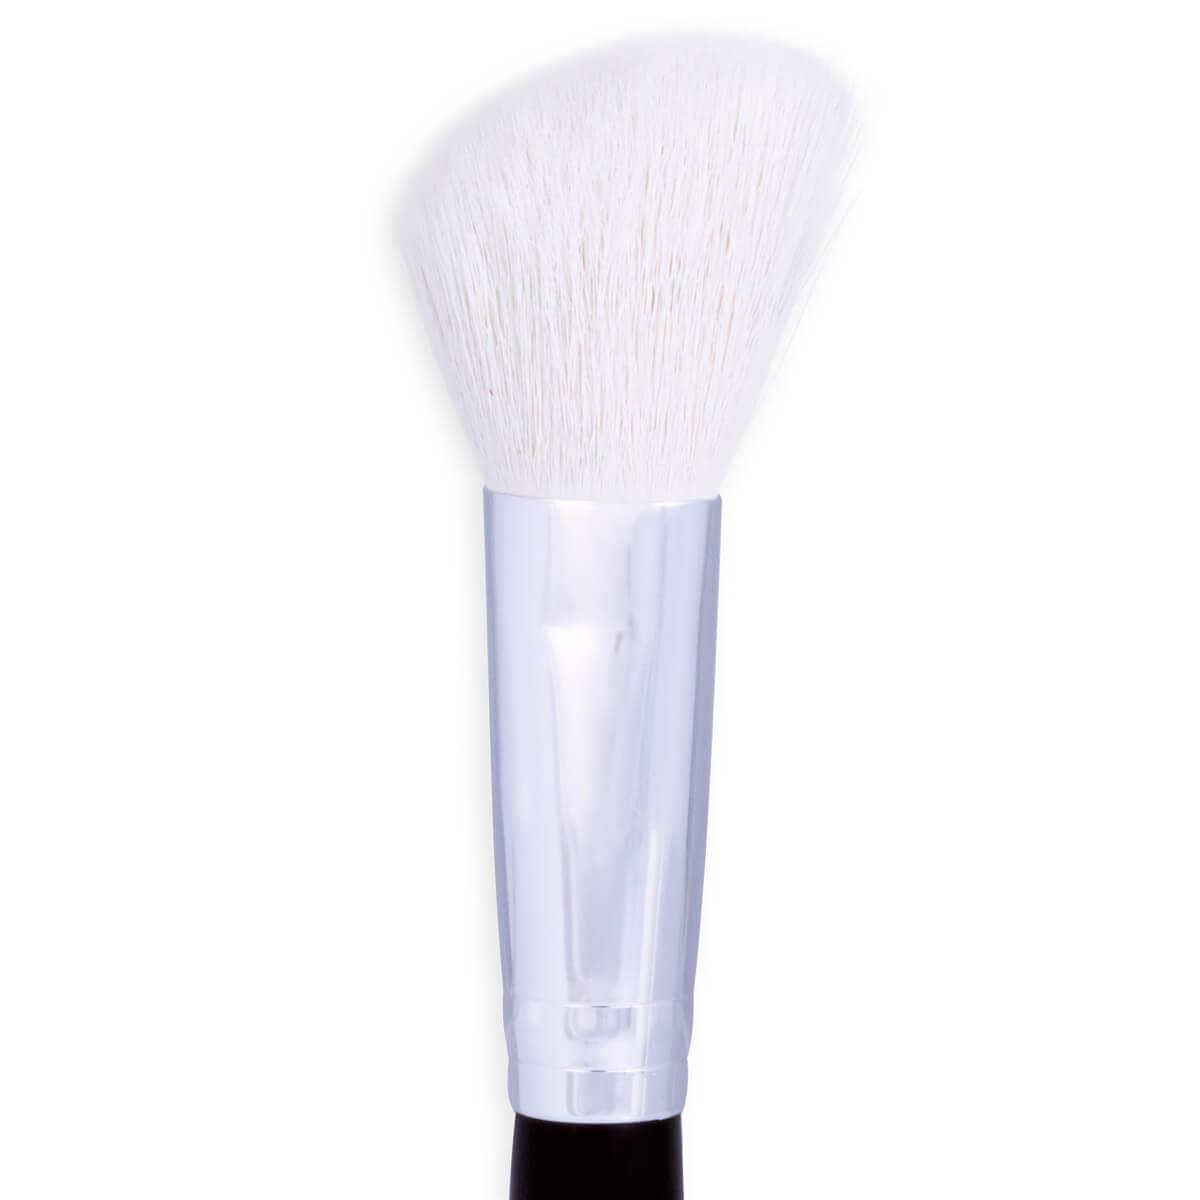 S169 - Pincel Profissional Para Blush Sffumato Beauty